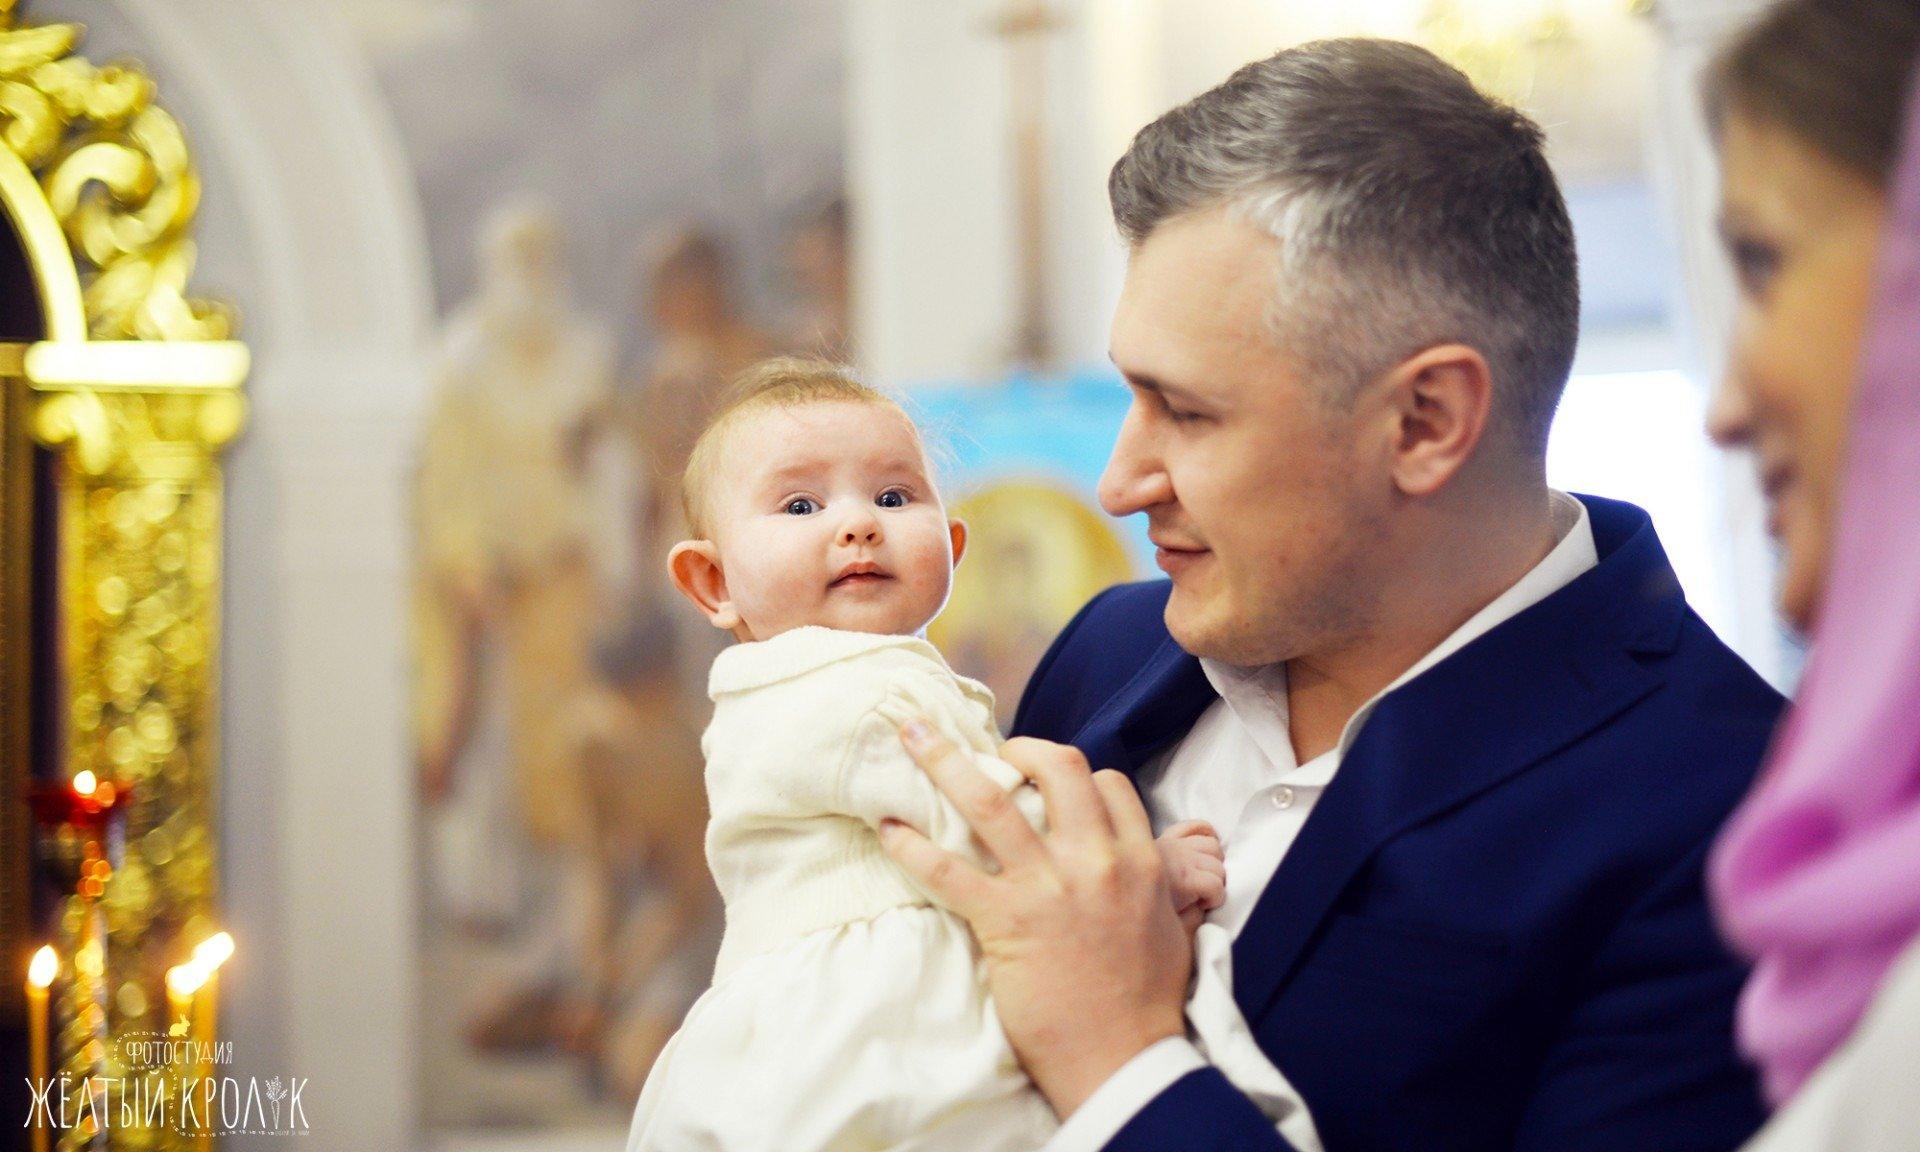 малыш с папой в церкви фото - фотосъмка крестин в фотостудии желтый кролик